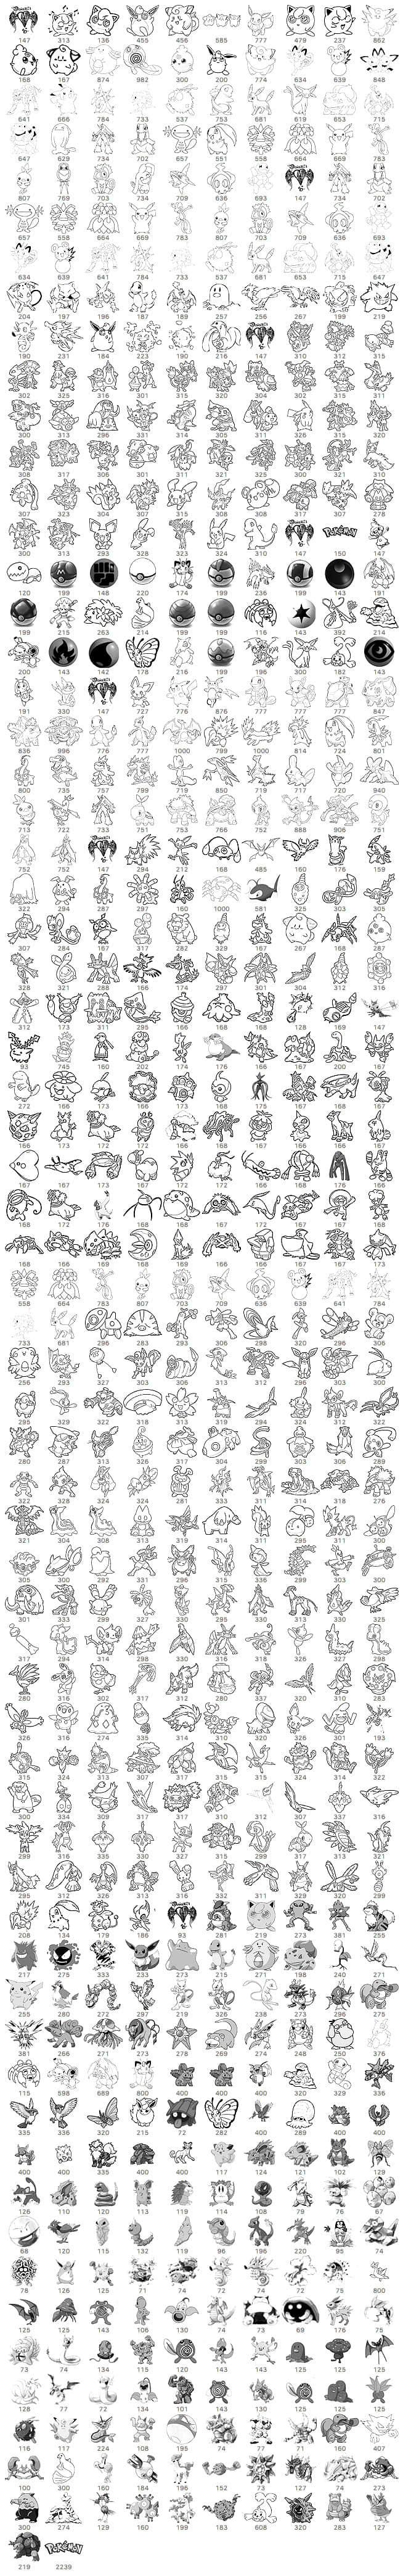 宠物小精灵(Pokemen GO)线框图形PS笔刷素材